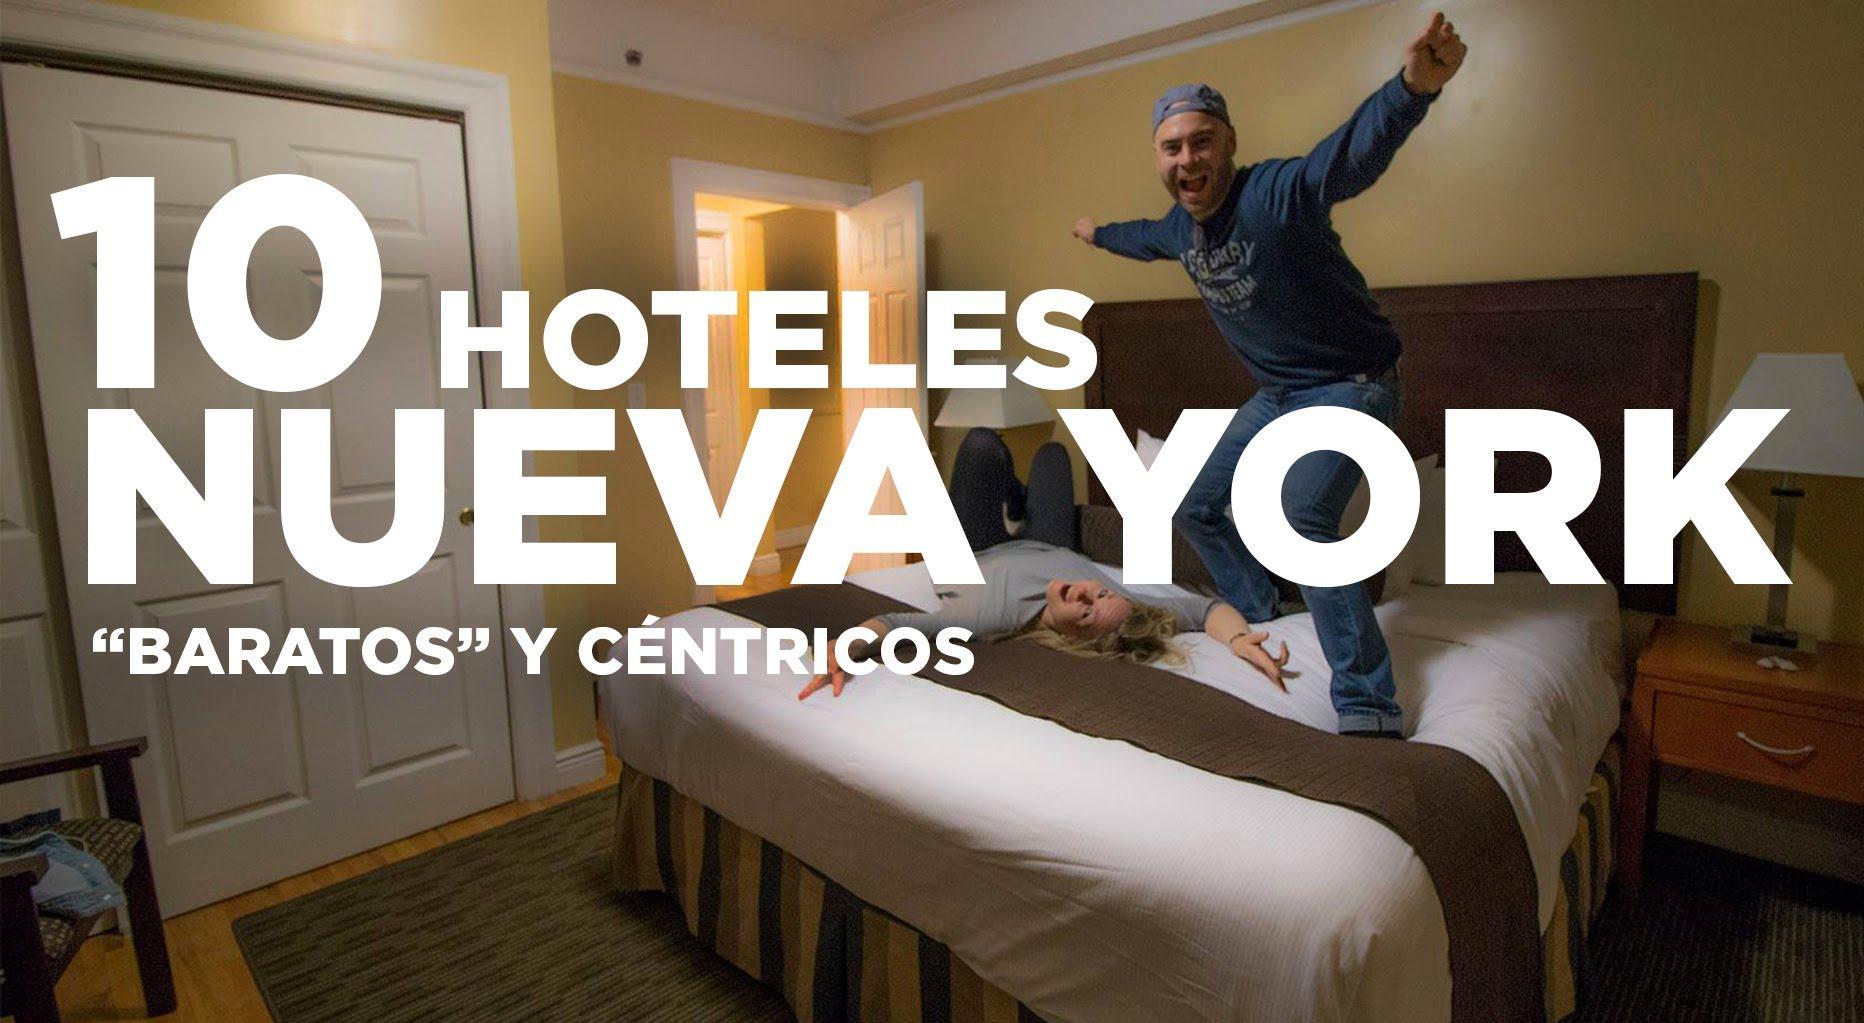 10 hoteles en Nueva York baratos y céntricos